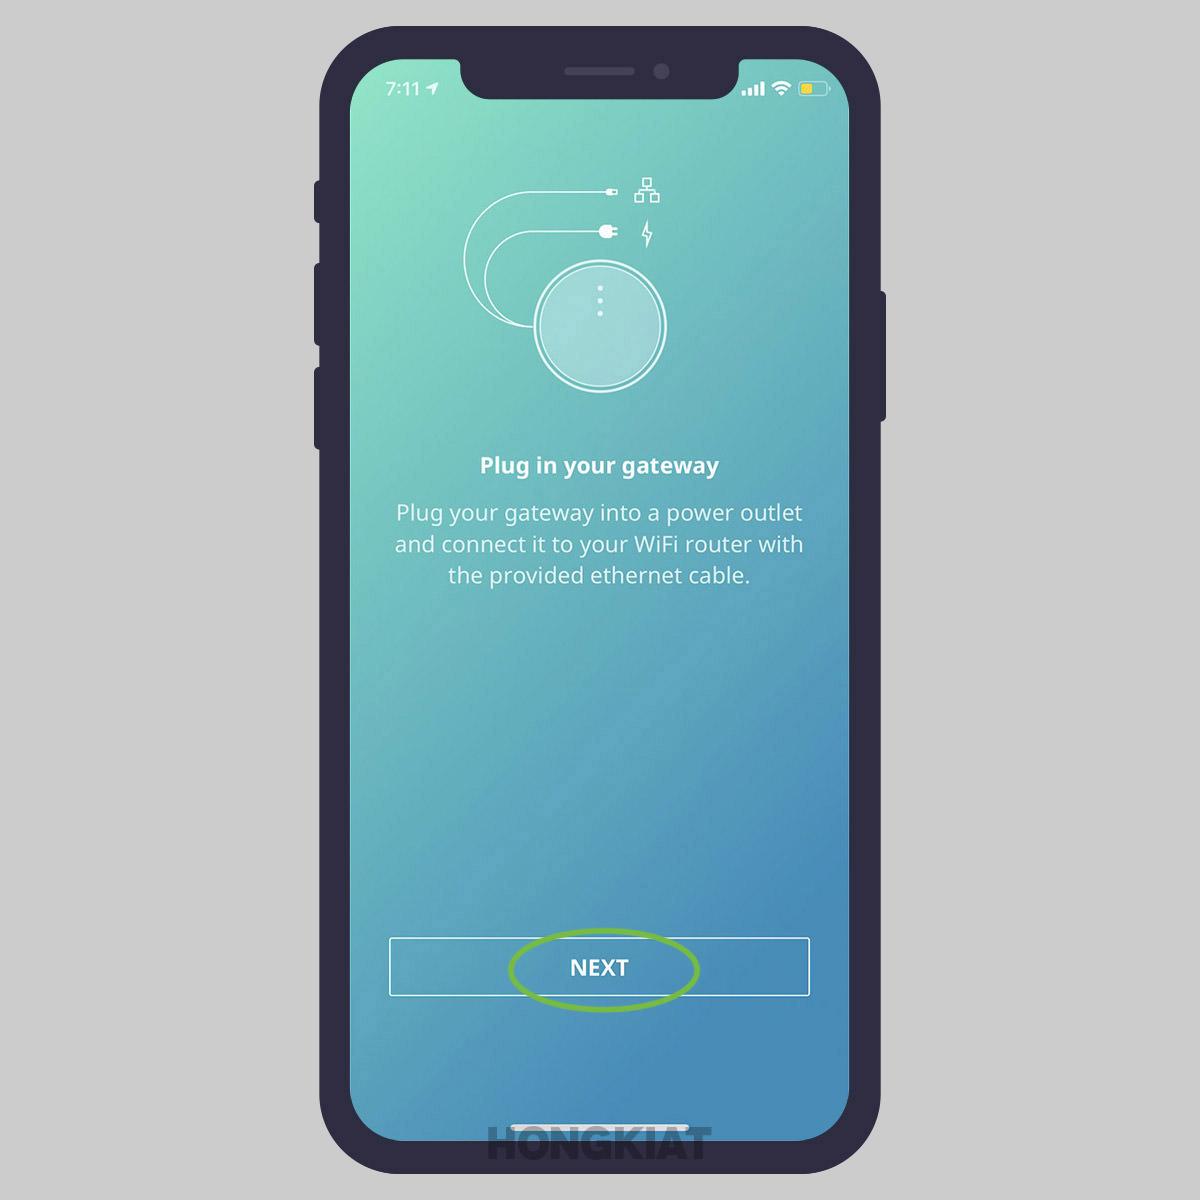 launch app tap next